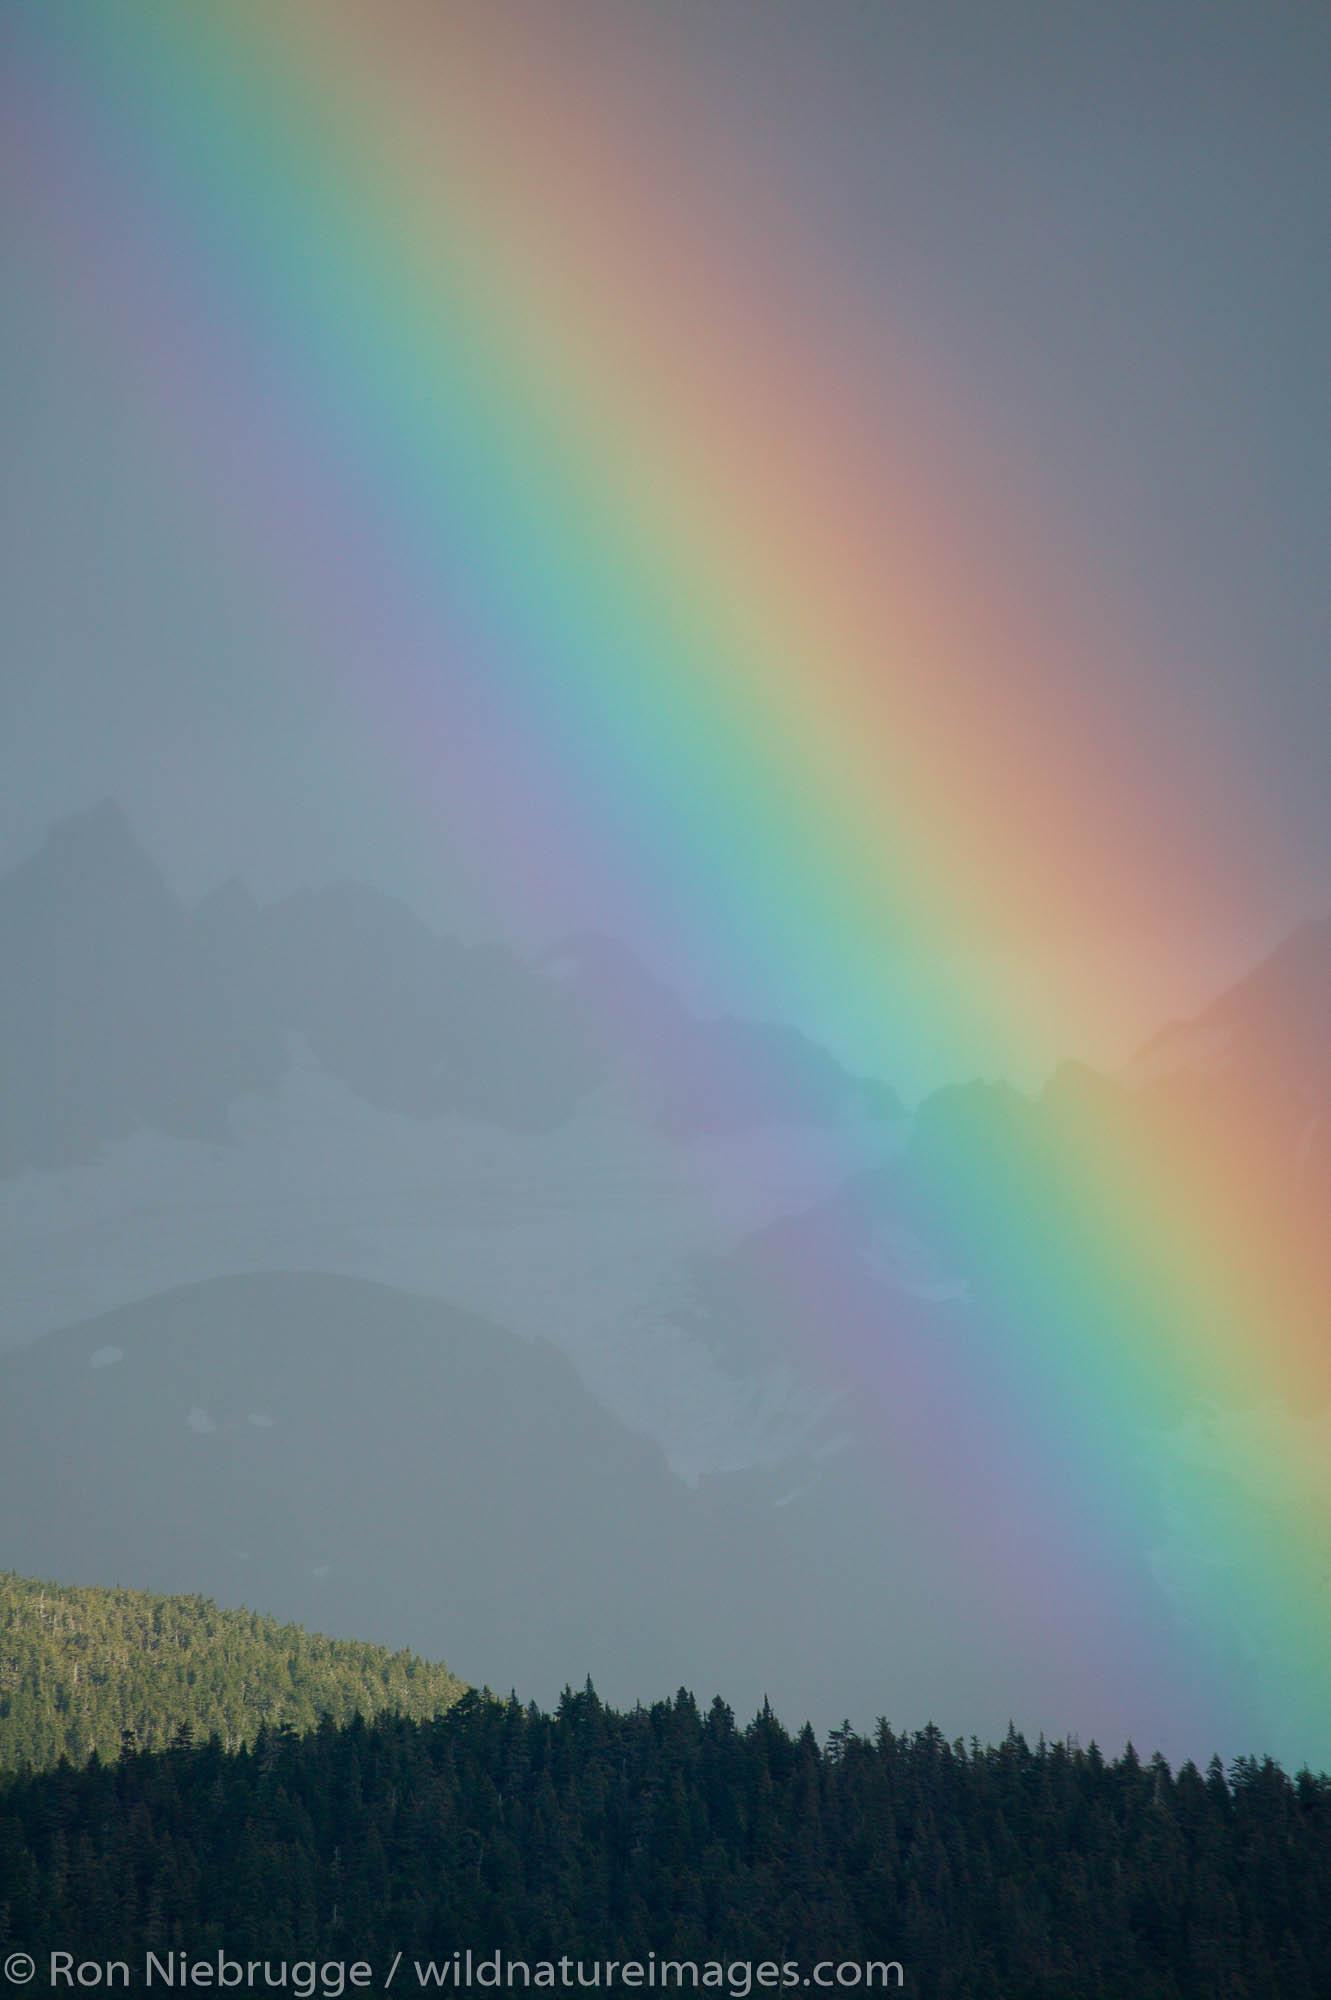 A Rainbow over the mountains of Chugach Natoinal Forest as seen from Seward, Alaska.